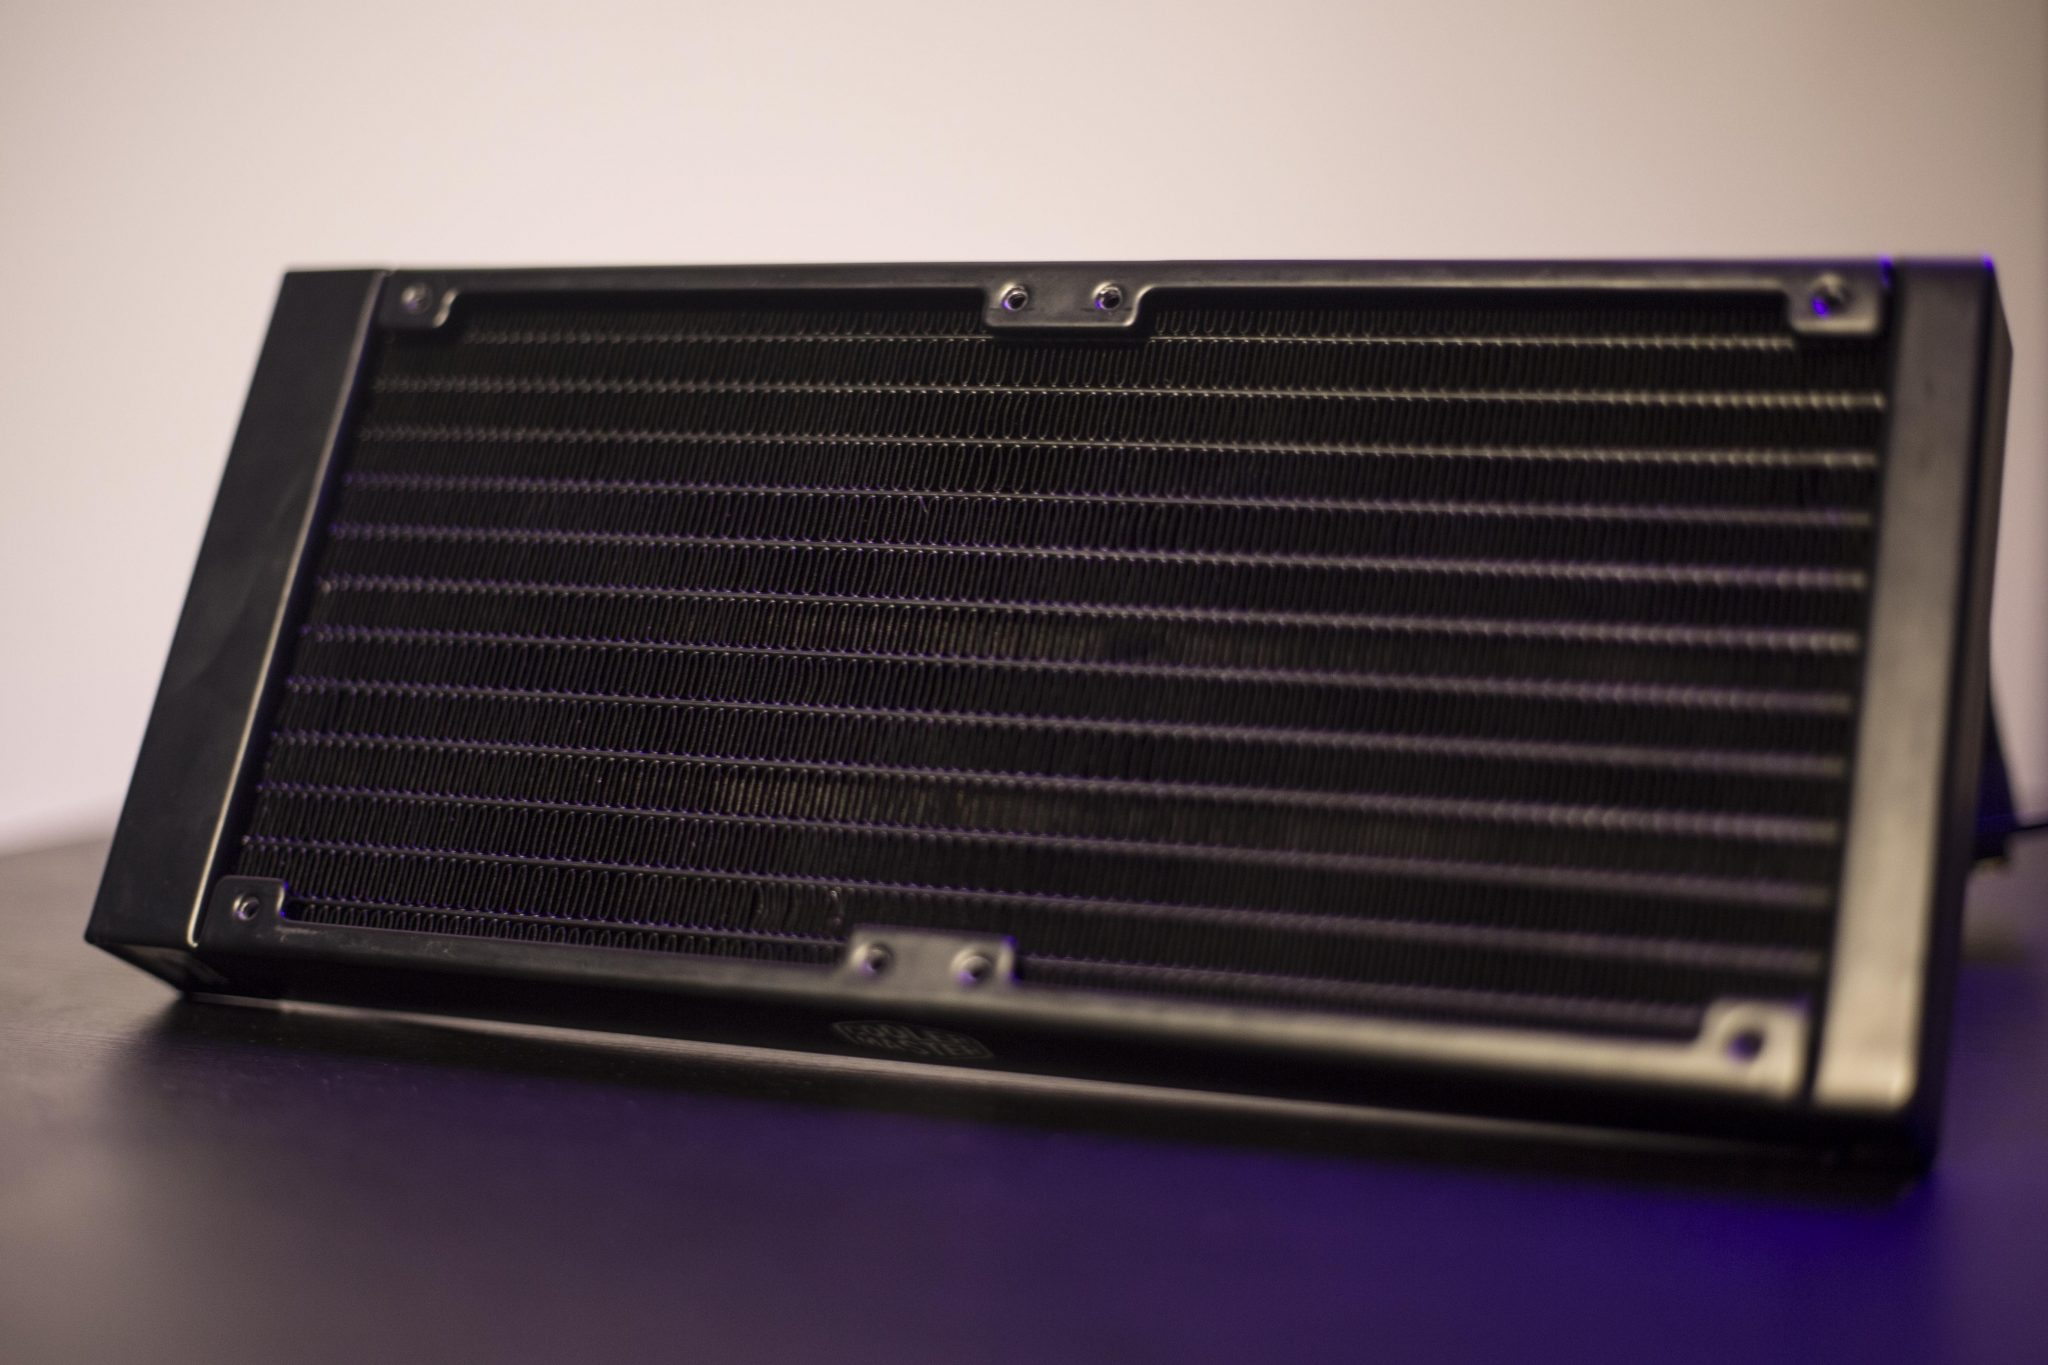 Cooler Master MasterLiquid 240L RGB